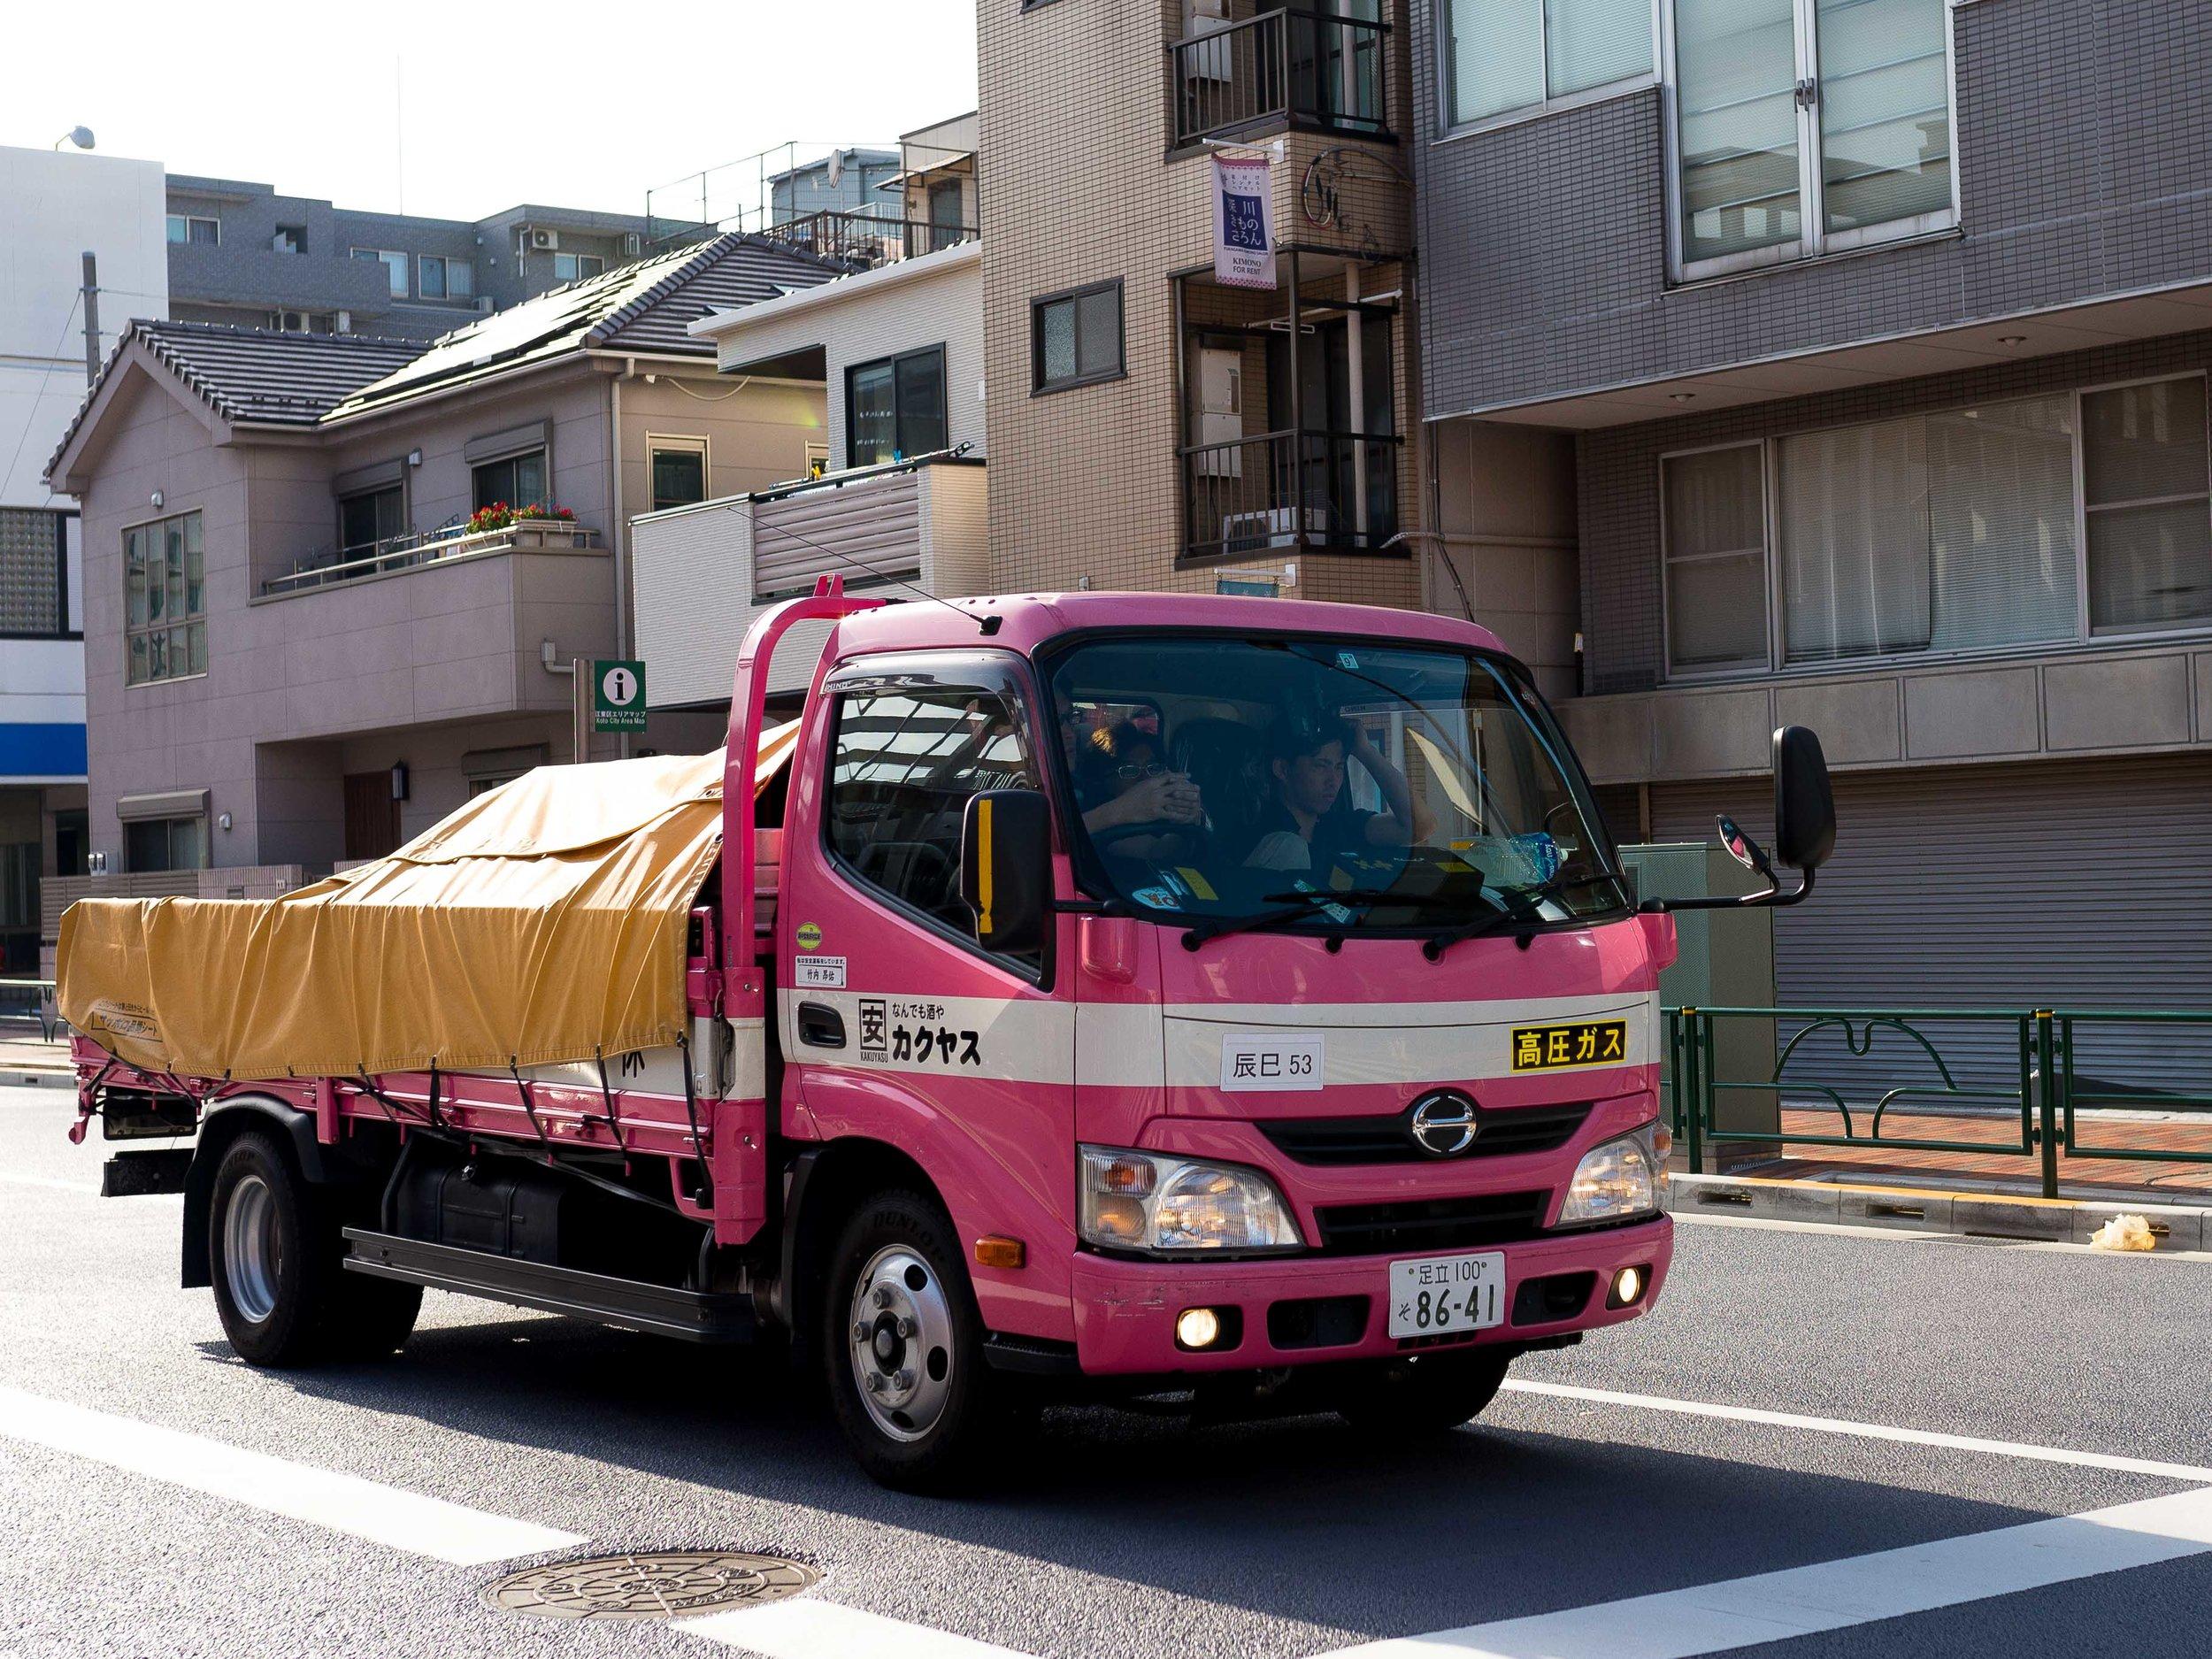 blogpost-japan-11.jpg